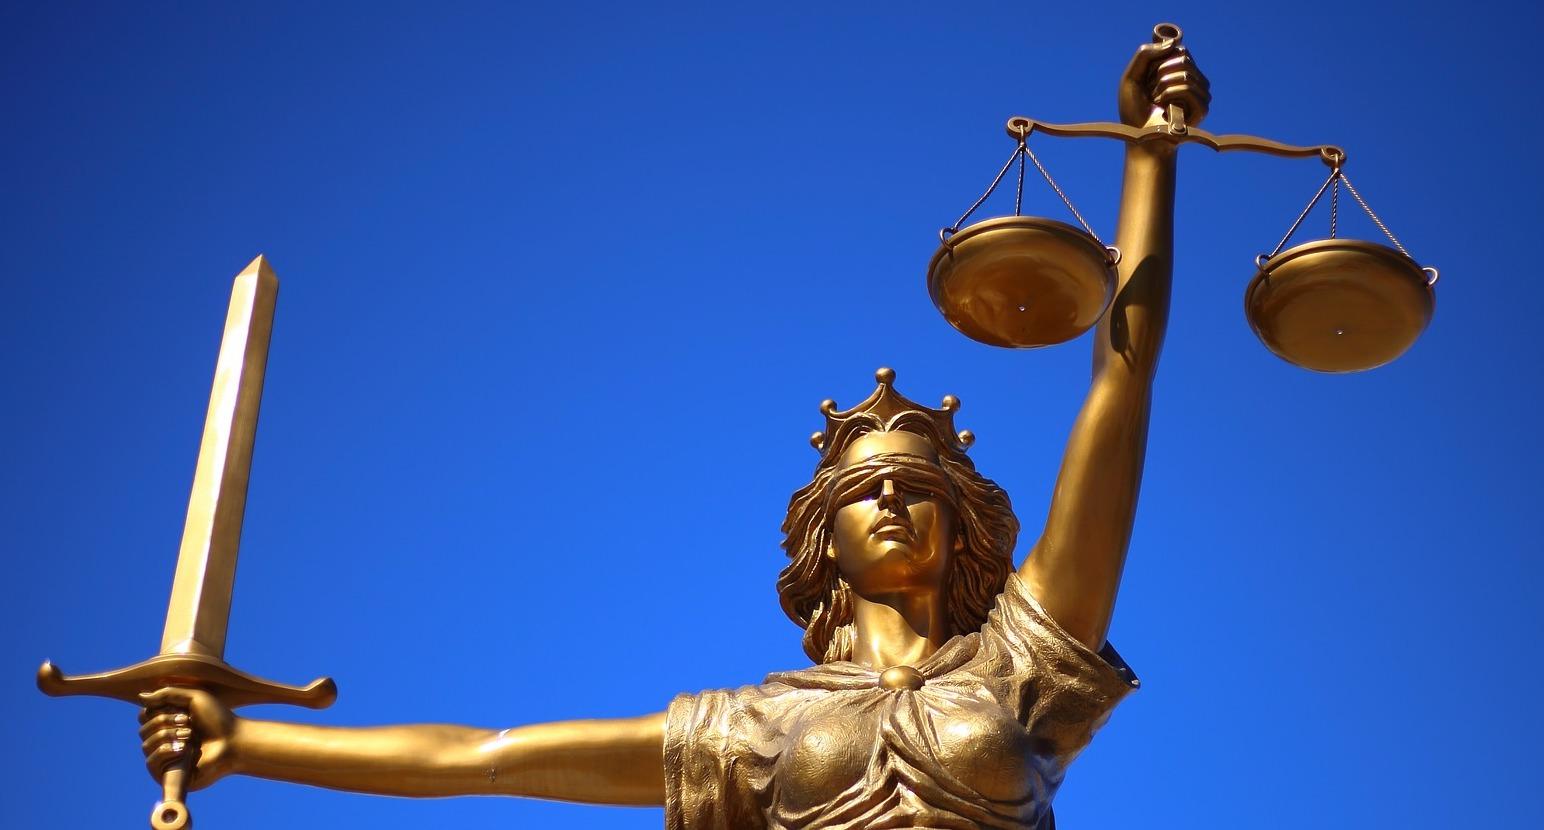 Foto af statue af retfærdighedens gudinde Justicia med sværdet i den ene hånd og vægten med de to skåle i den venstre hånd.